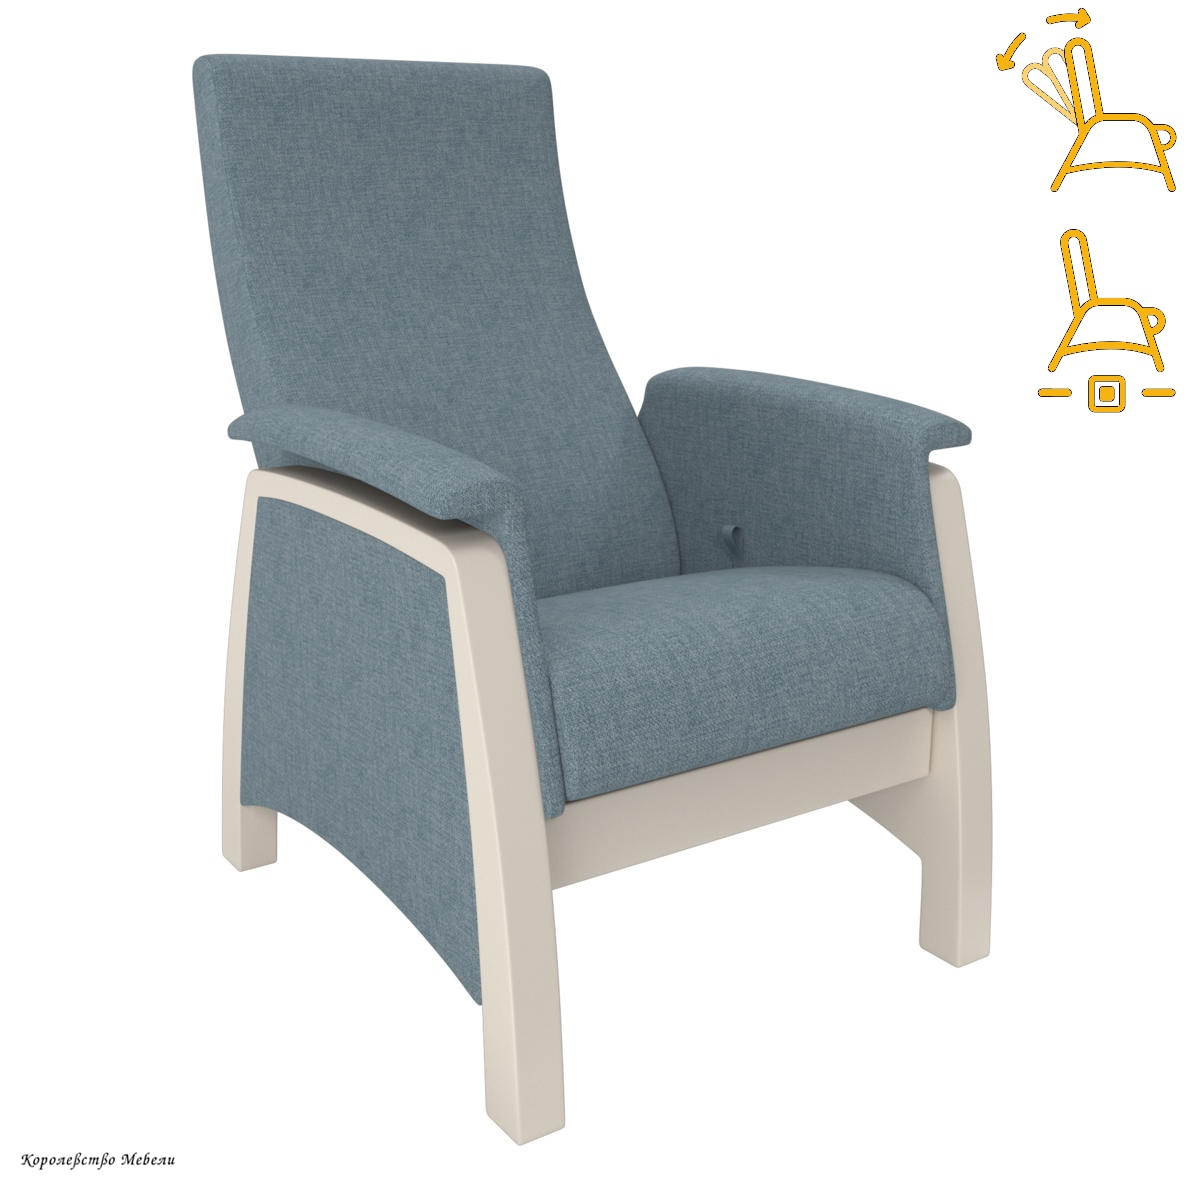 Кресло-глайдер. Модель 101 (раскладное)